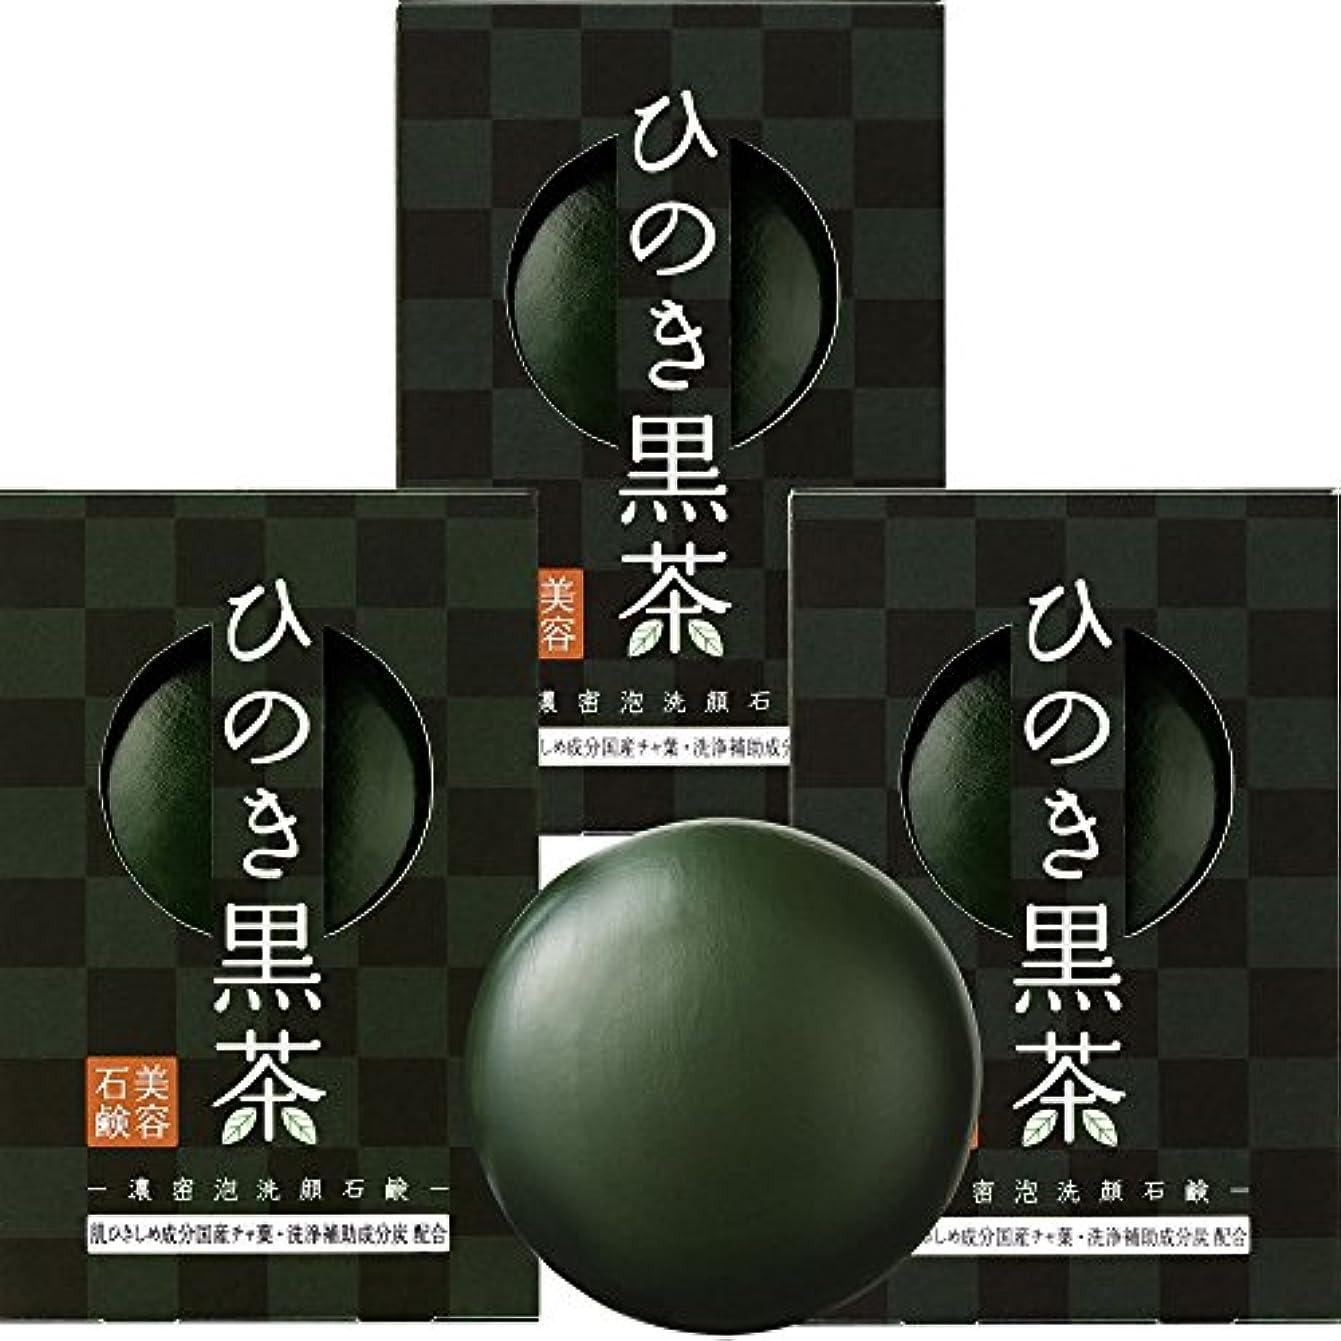 アフリカ人証明する比率ひのき黒茶石鹸 (80g×3個) [保湿成分配合] ヒアルロン酸 コラーゲン